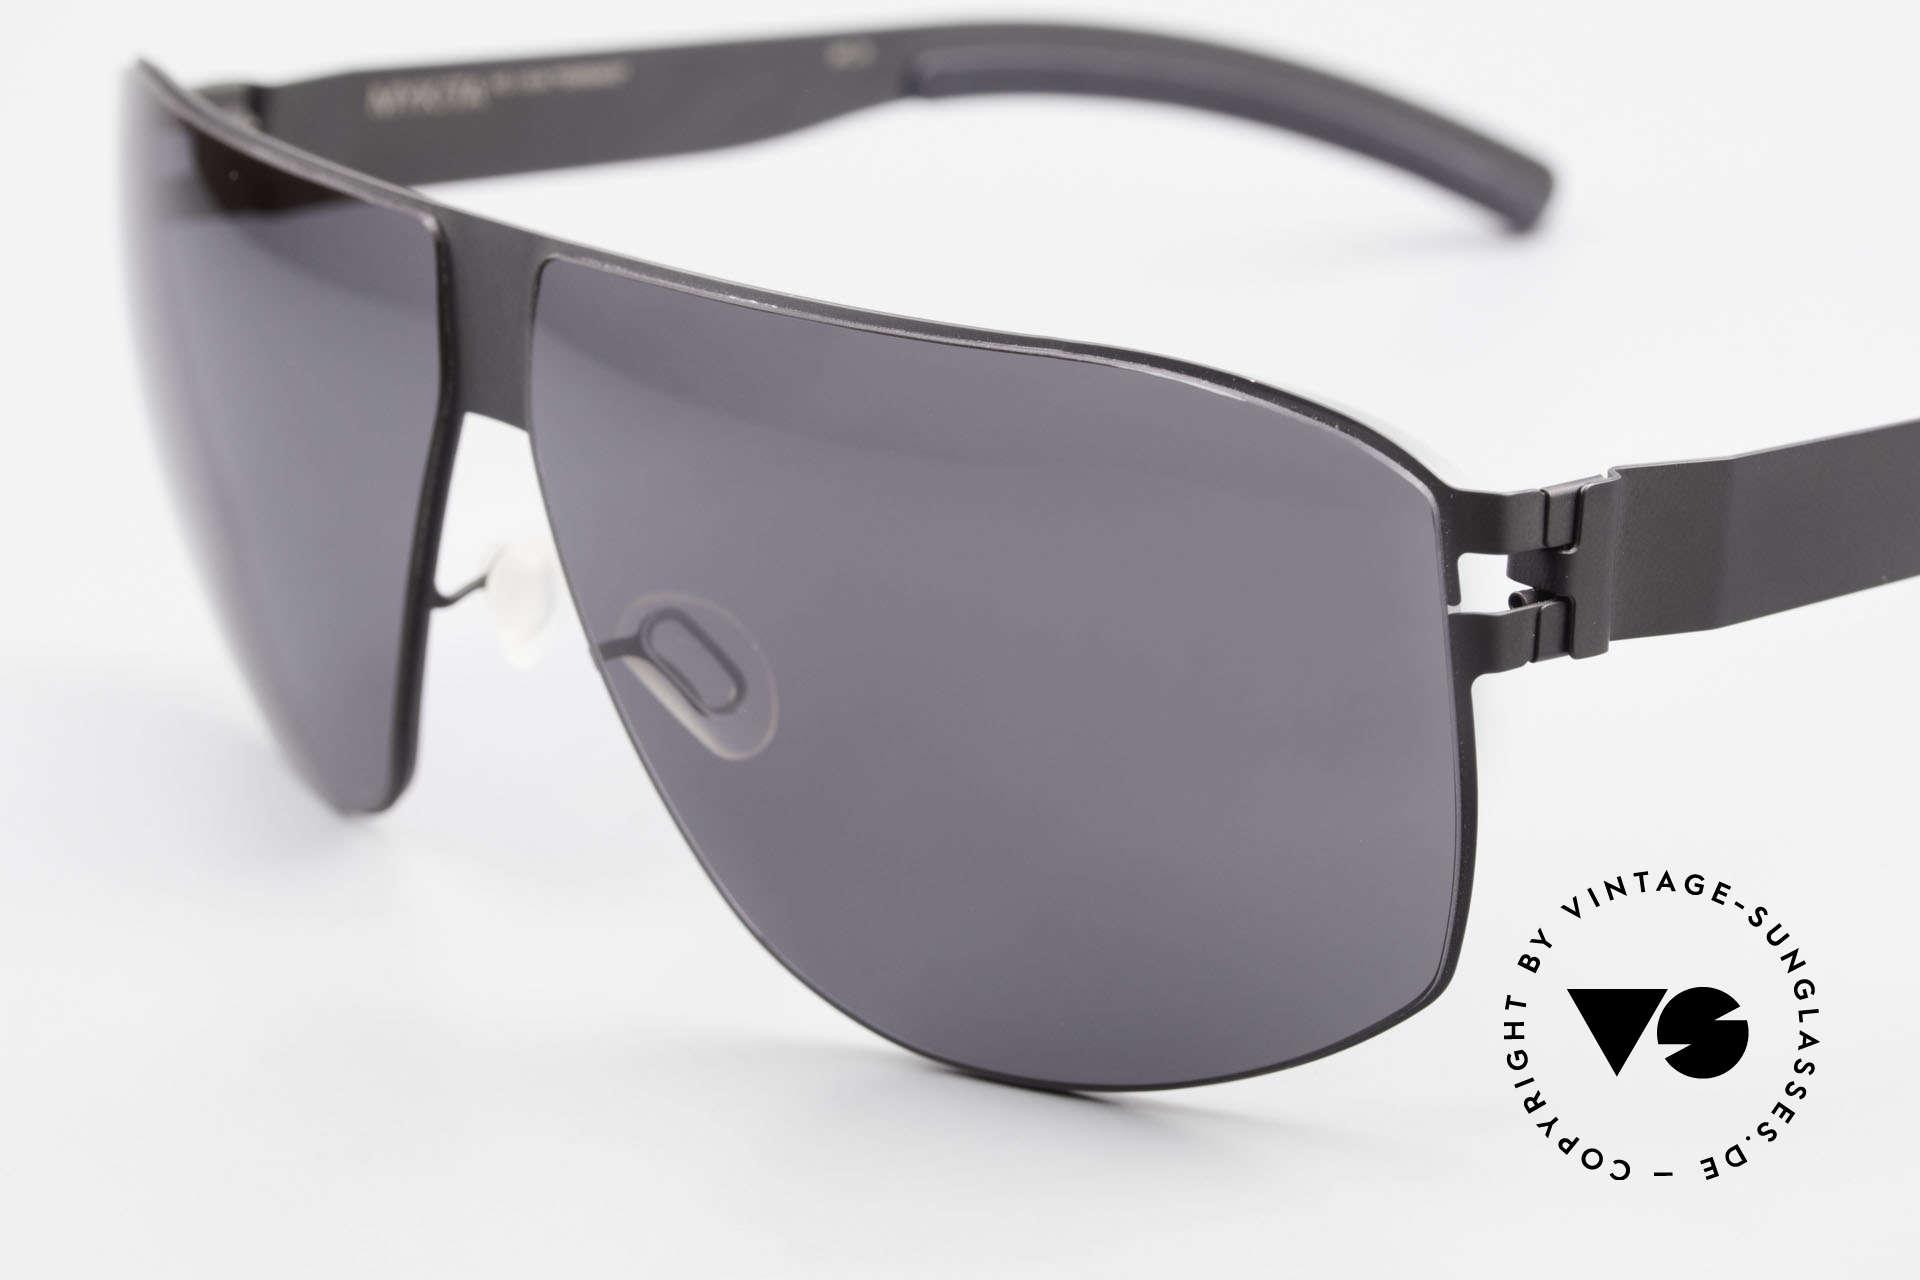 Mykita Terrence Vintage Mykita Sonnenbrille, innovativ flexible Metallfassung in Large bis XL Größe, Passend für Herren